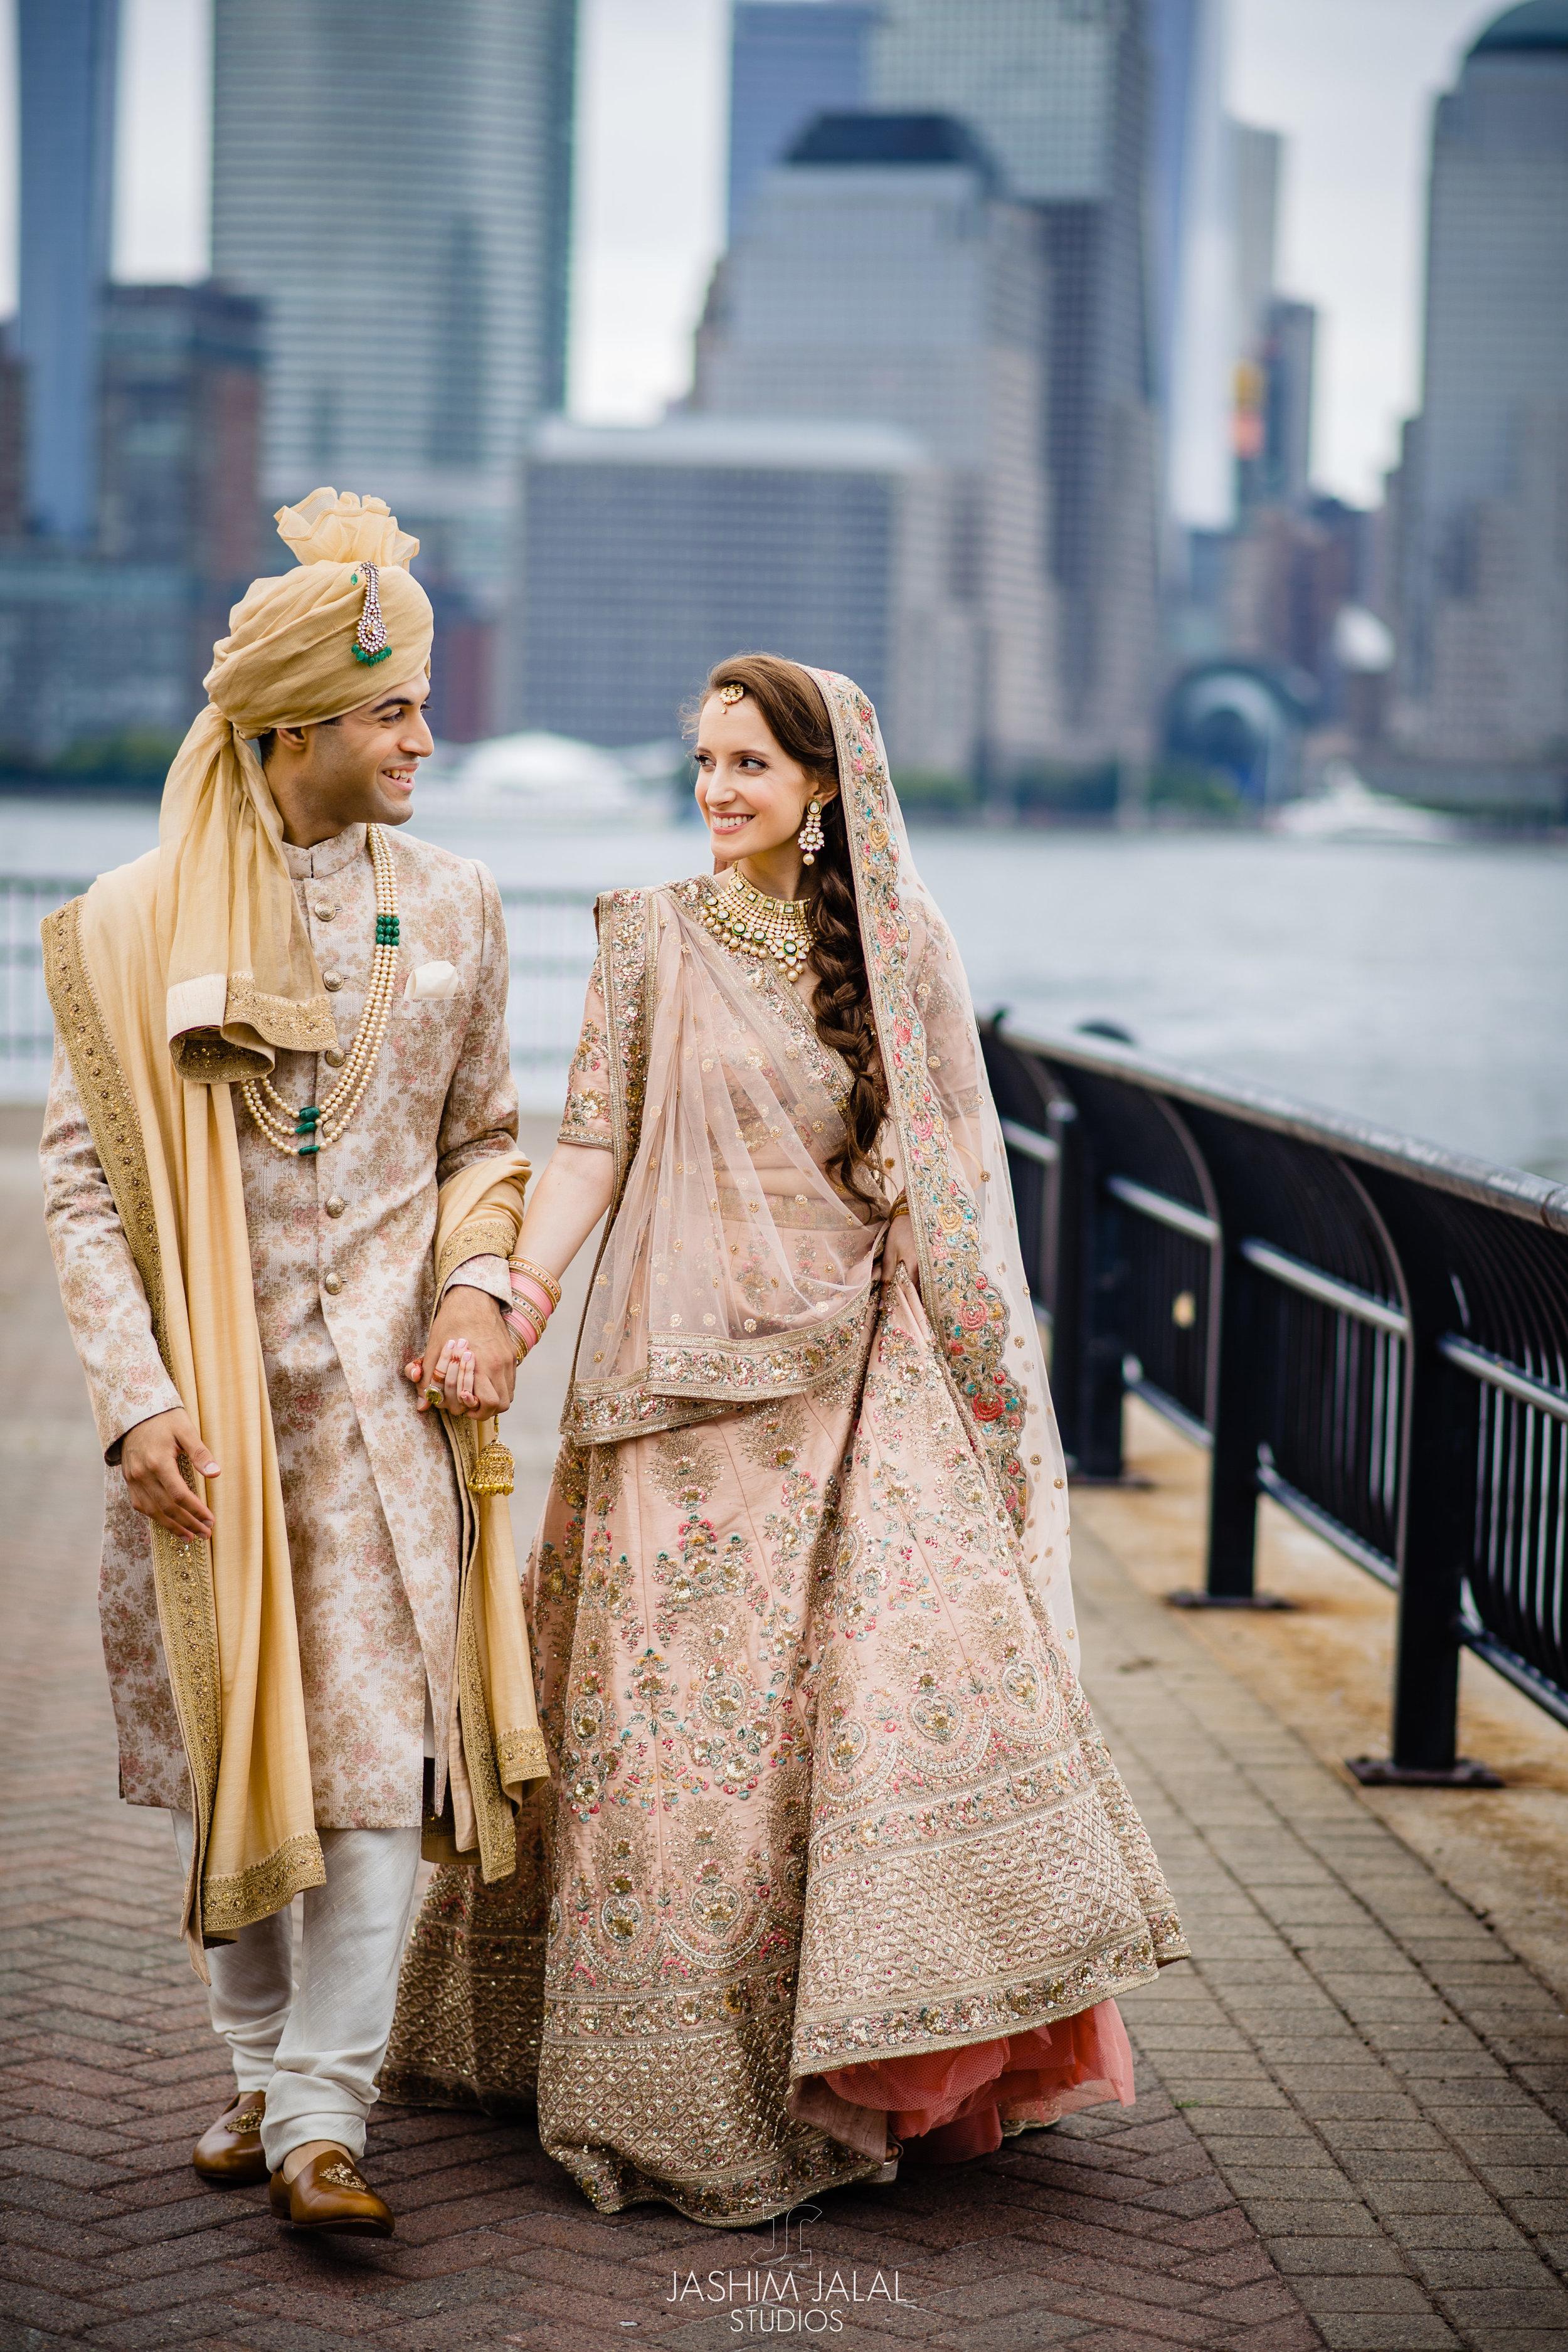 INDIAN WEDDING BRIDE AND GROOM WALKING.jpg